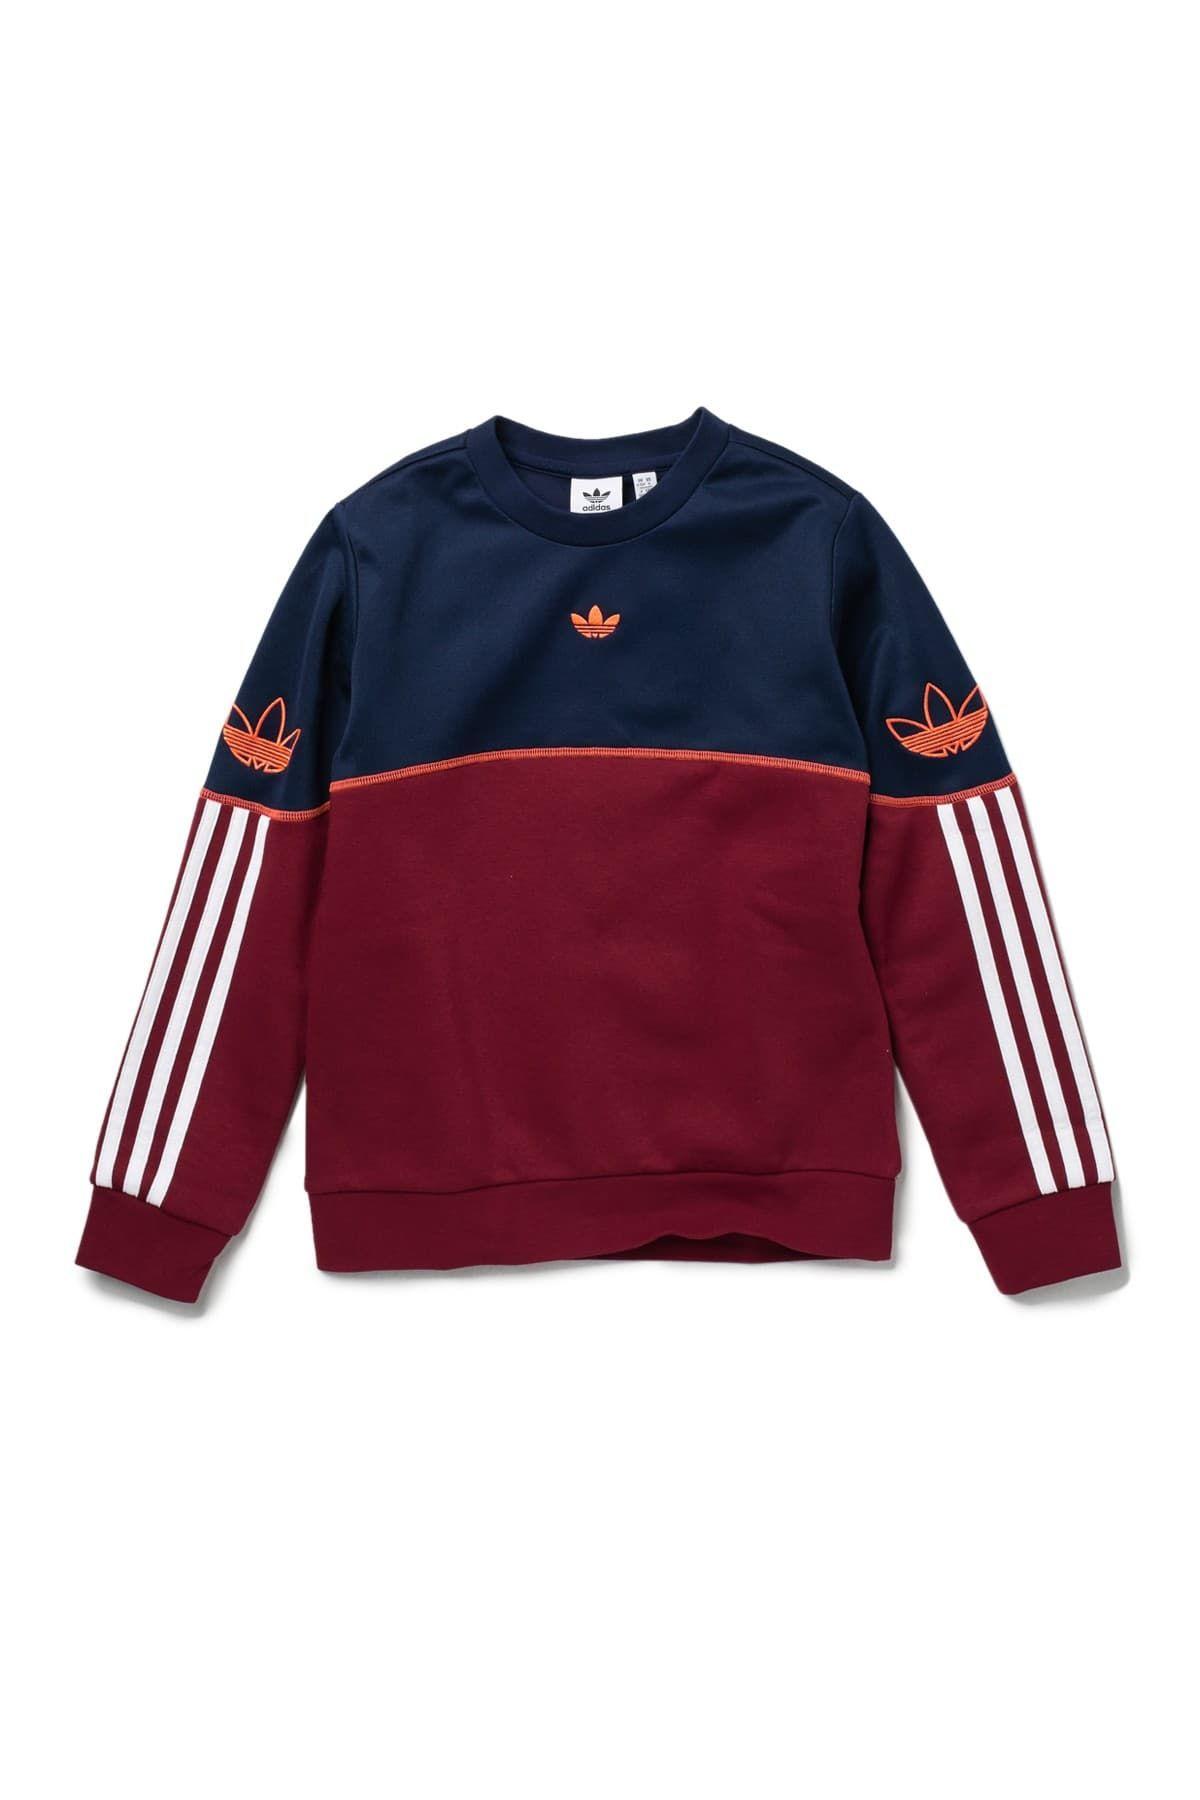 Adidas Originals Outline Crew Neck Pullover Nordstrom Rack In 2021 Sweatshirt Designs Crew Neck Sweatshirt Sweatshirts [ 1800 x 1200 Pixel ]